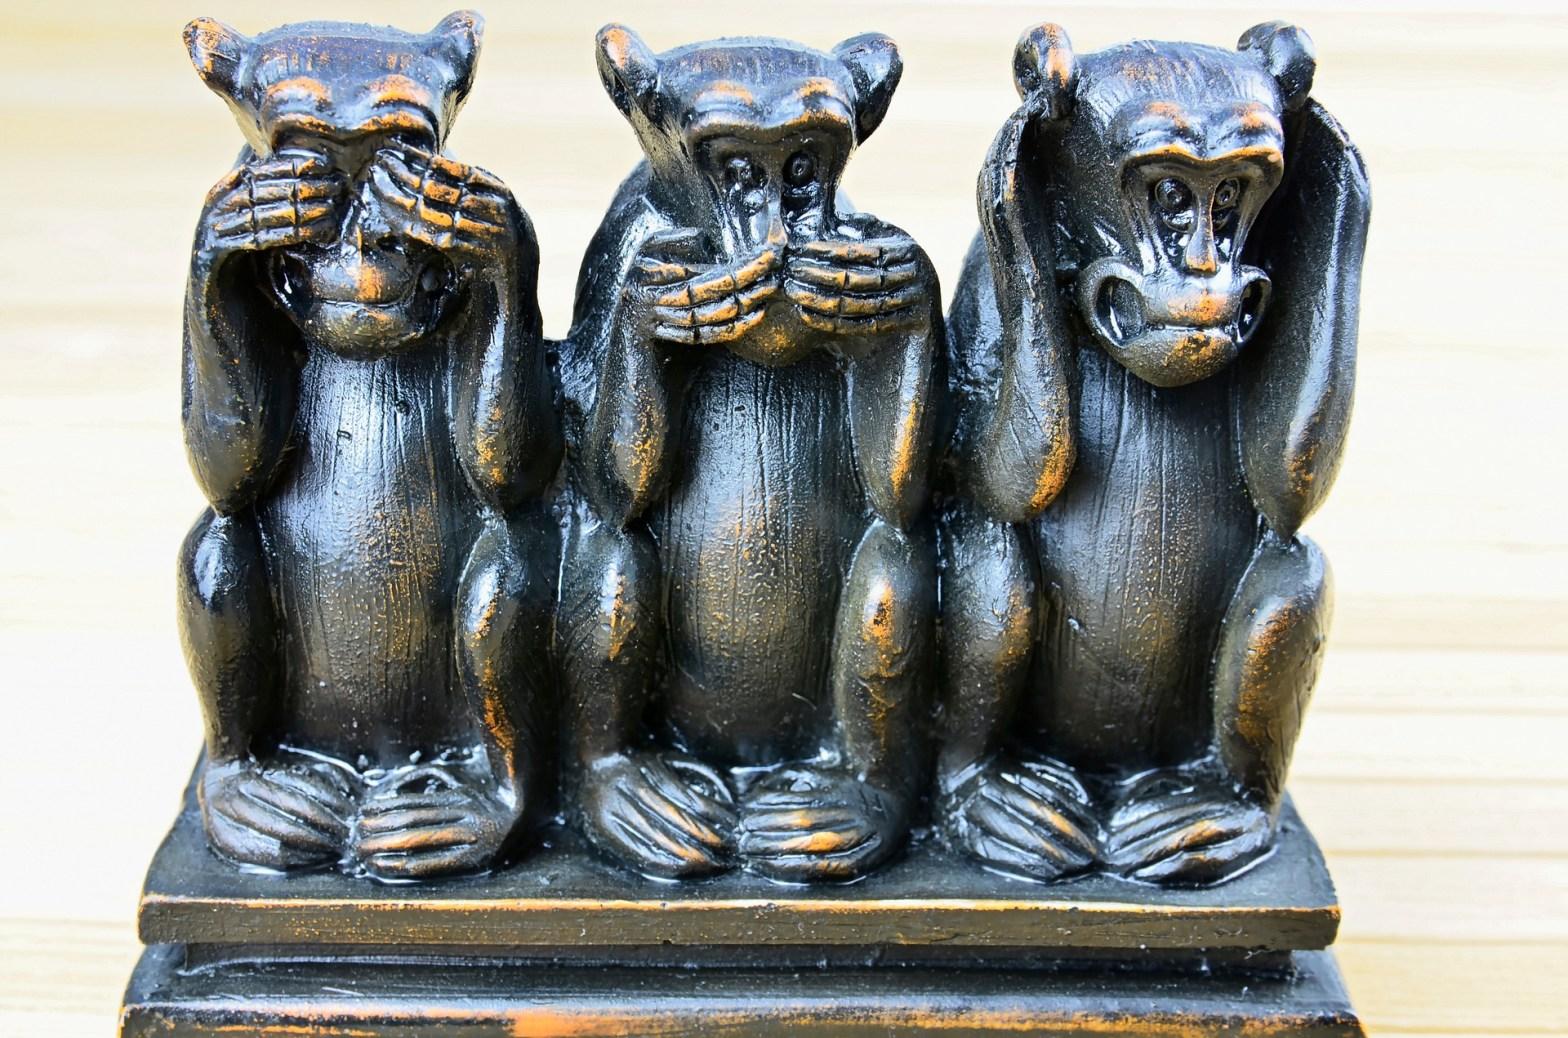 Statue of hear no evil, sea no evil, speak no evil monkeysto represent anti-self, pro-self, and no-self behaviors